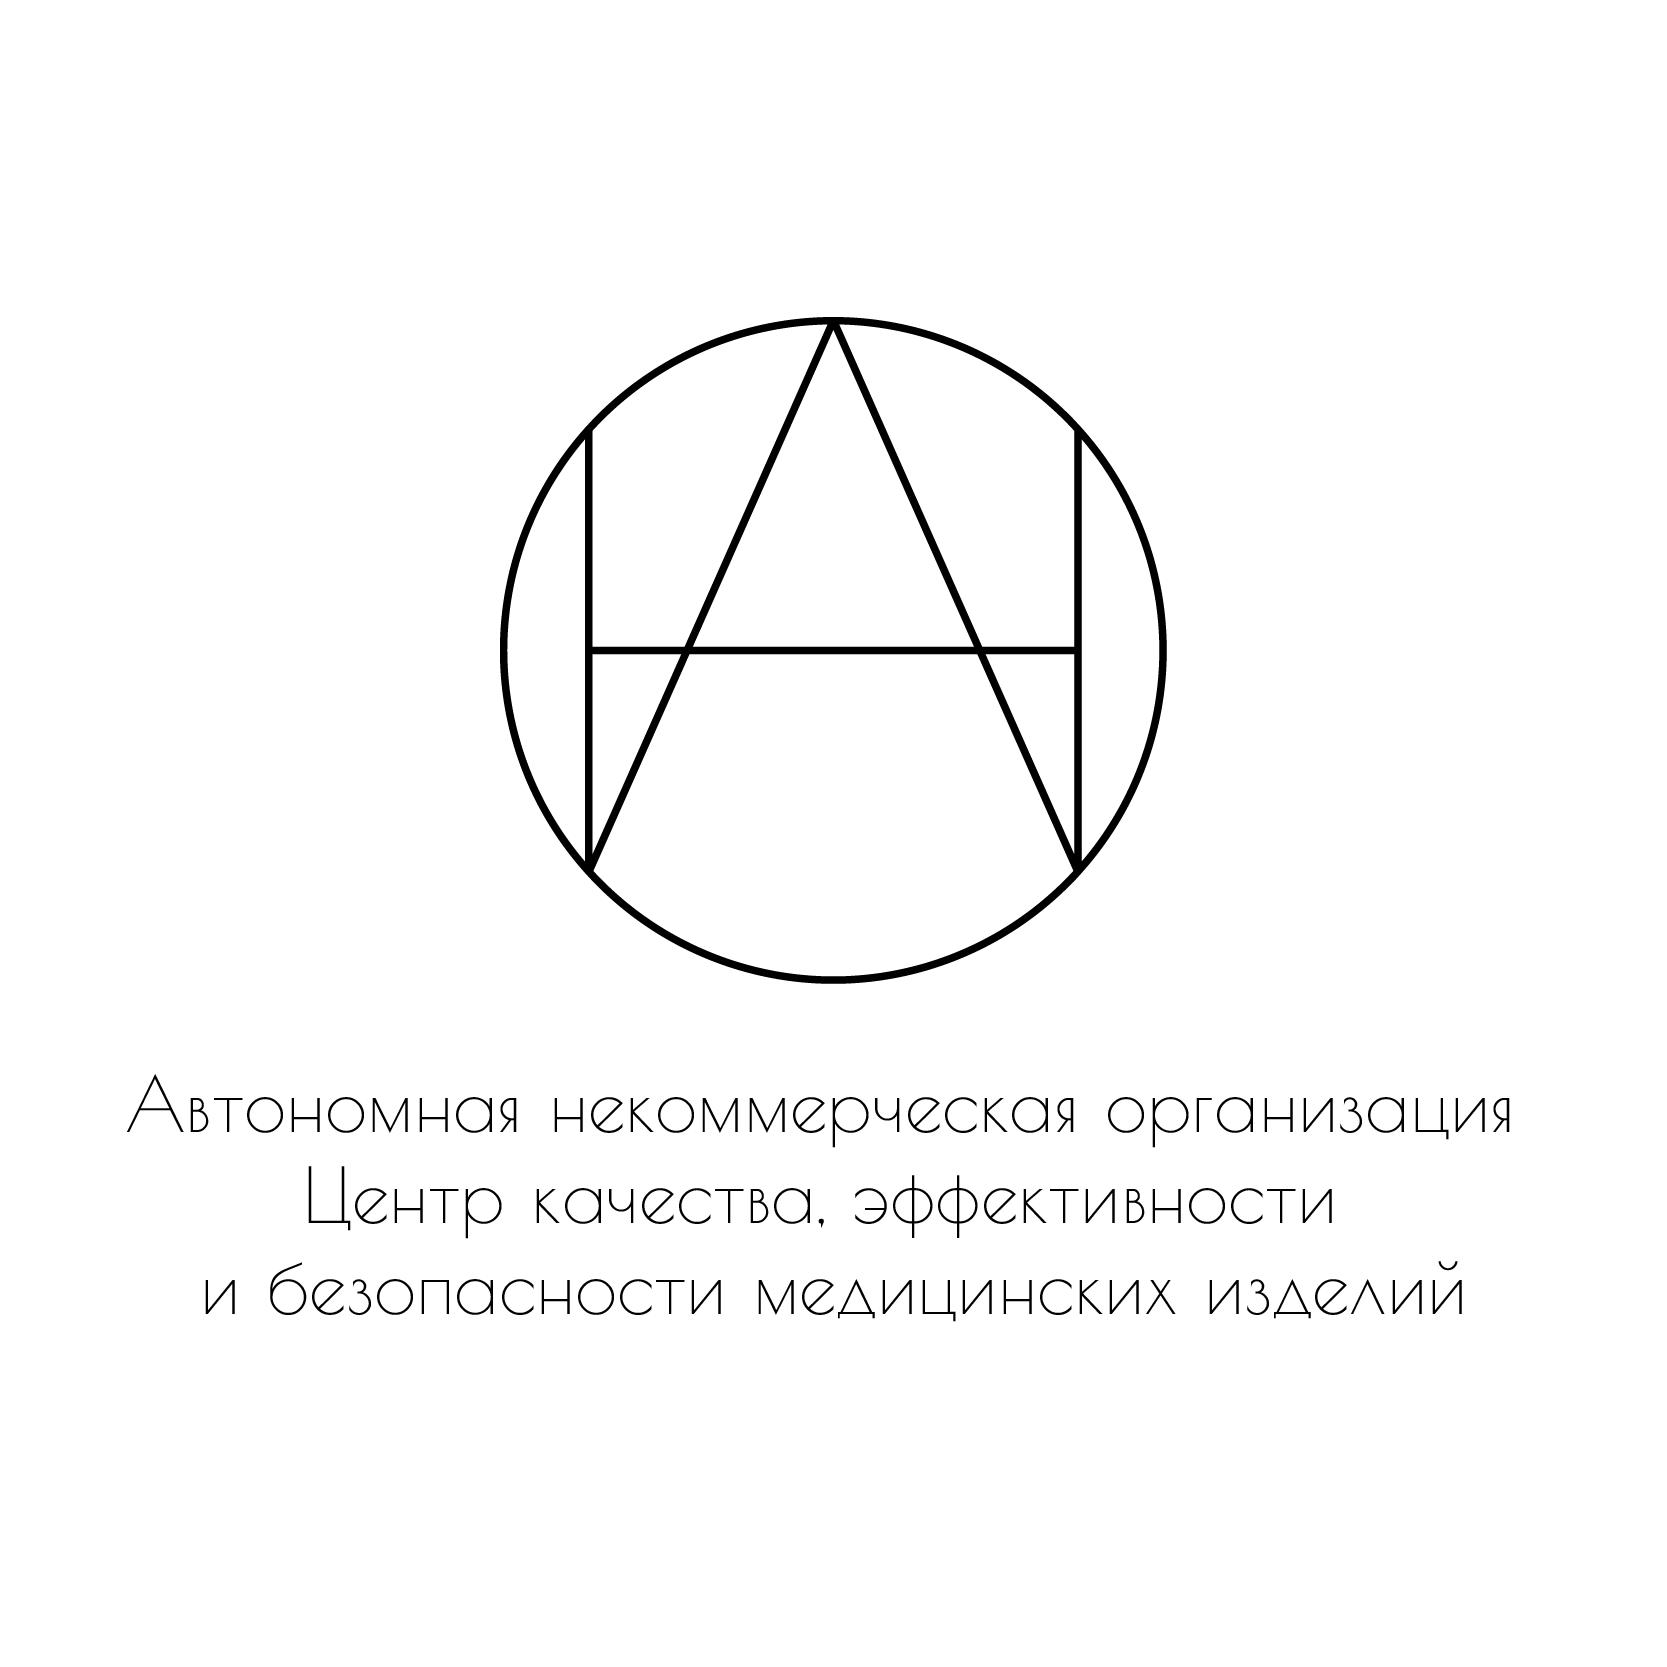 Редизайн логотипа АНО Центр КЭБМИ - BREVIS фото f_9185b1b6a3a574ec.png